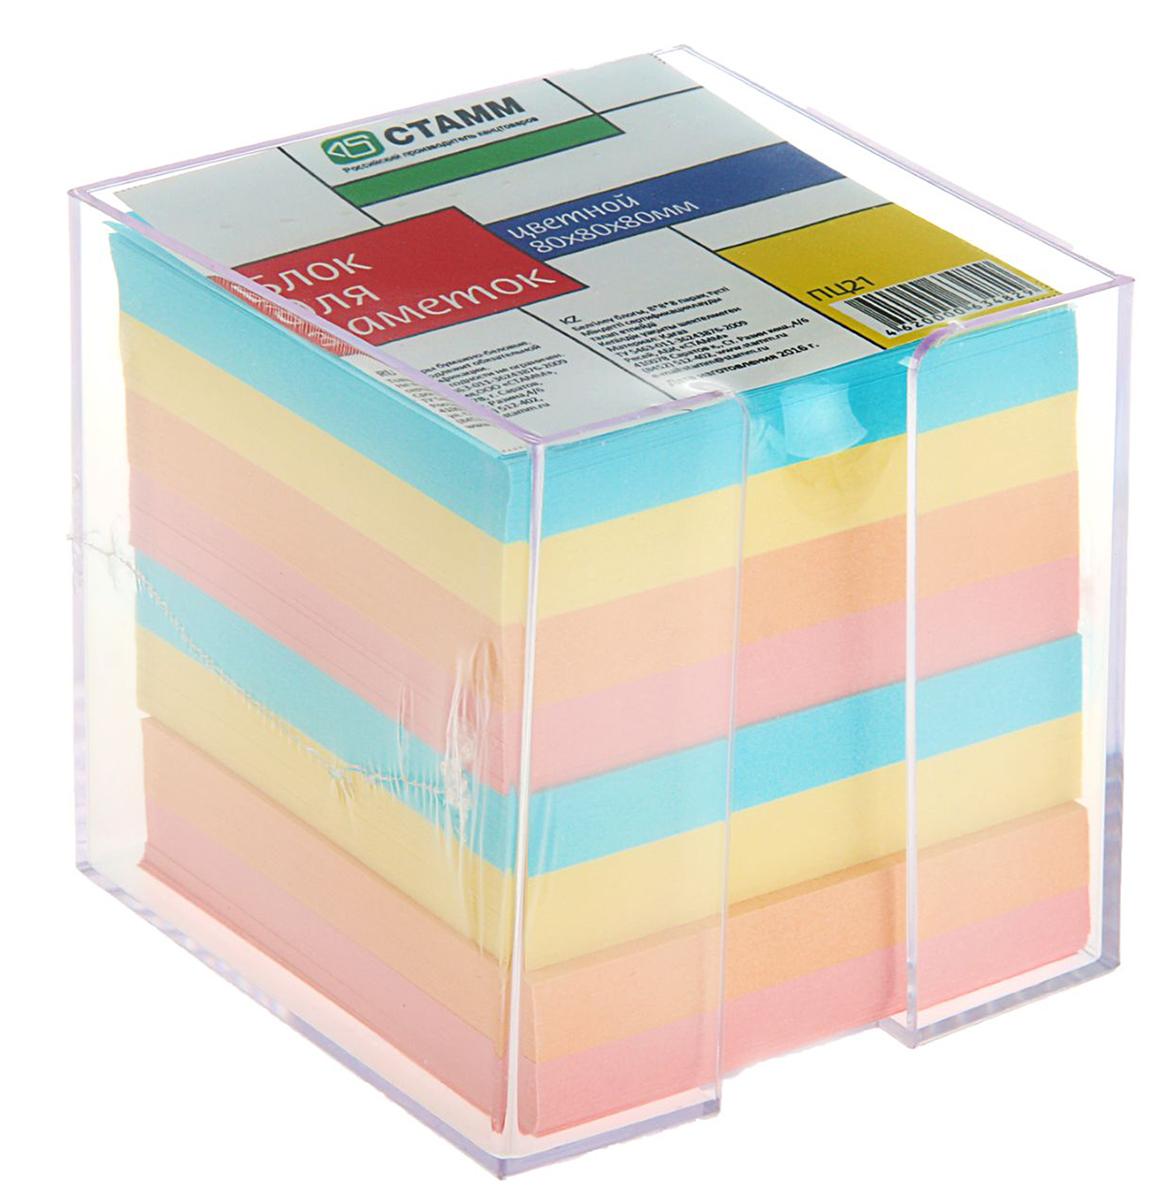 Стамм Блок для записей 8 x 8 см1889800Блок для записей - практичное решение для оперативной записи информации в офисе или дома.Блок состоит из листов разноцветной бумаги, что помогает лучше ориентироваться во множествеповседневных заметок. Яркий блок-кубик на вашем рабочем столе поднимет настроение вами вашим коллегам!Бумага для записей поставляется в удобной пластиковой подставке.Когда бумага закончится, можно вставить сменный блок.